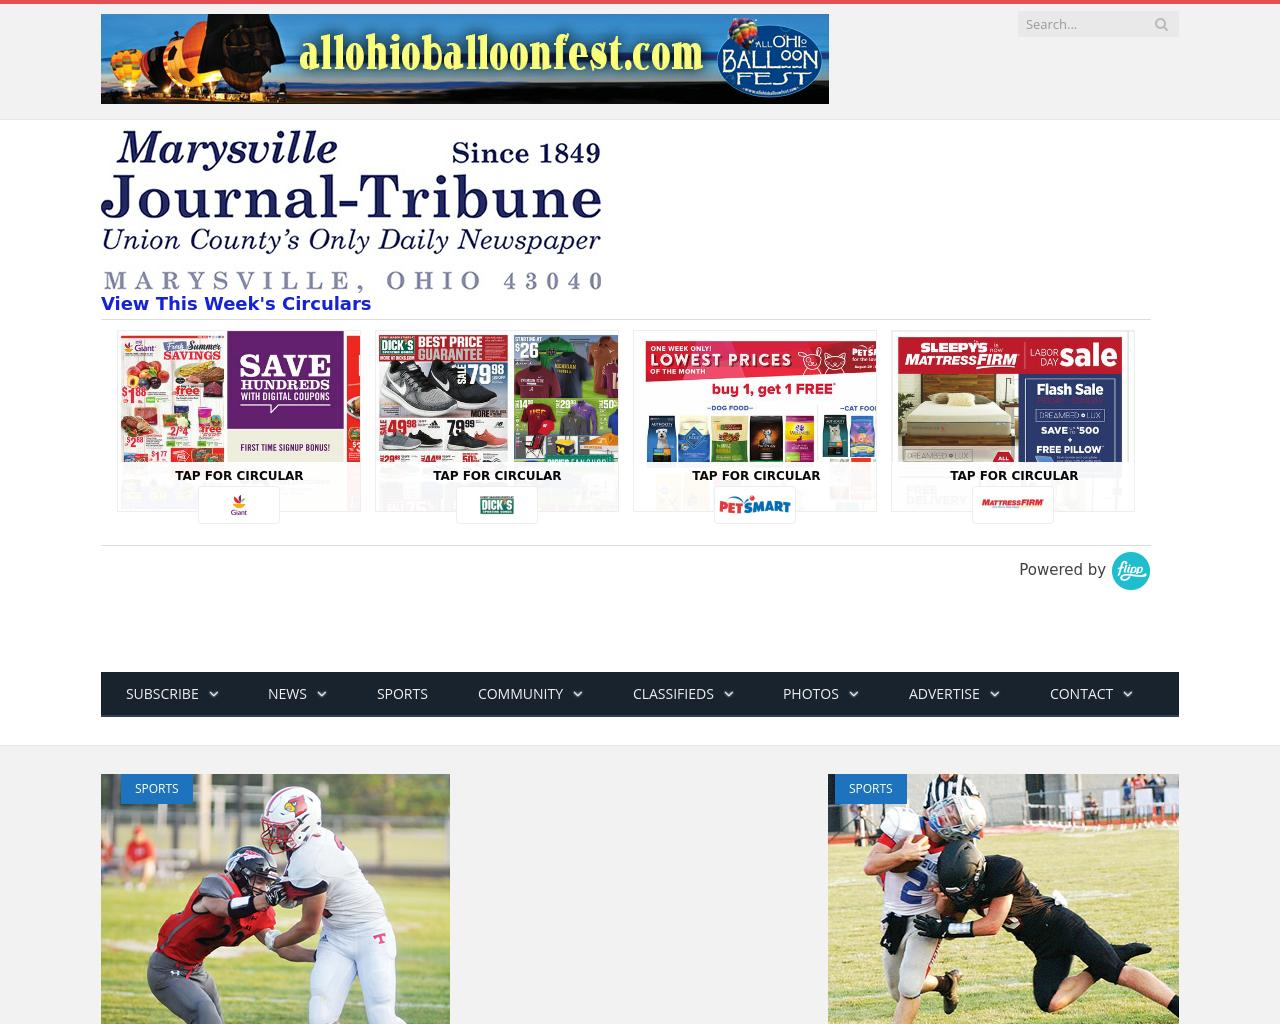 Marysville-Journal-Tribune-Advertising-Reviews-Pricing